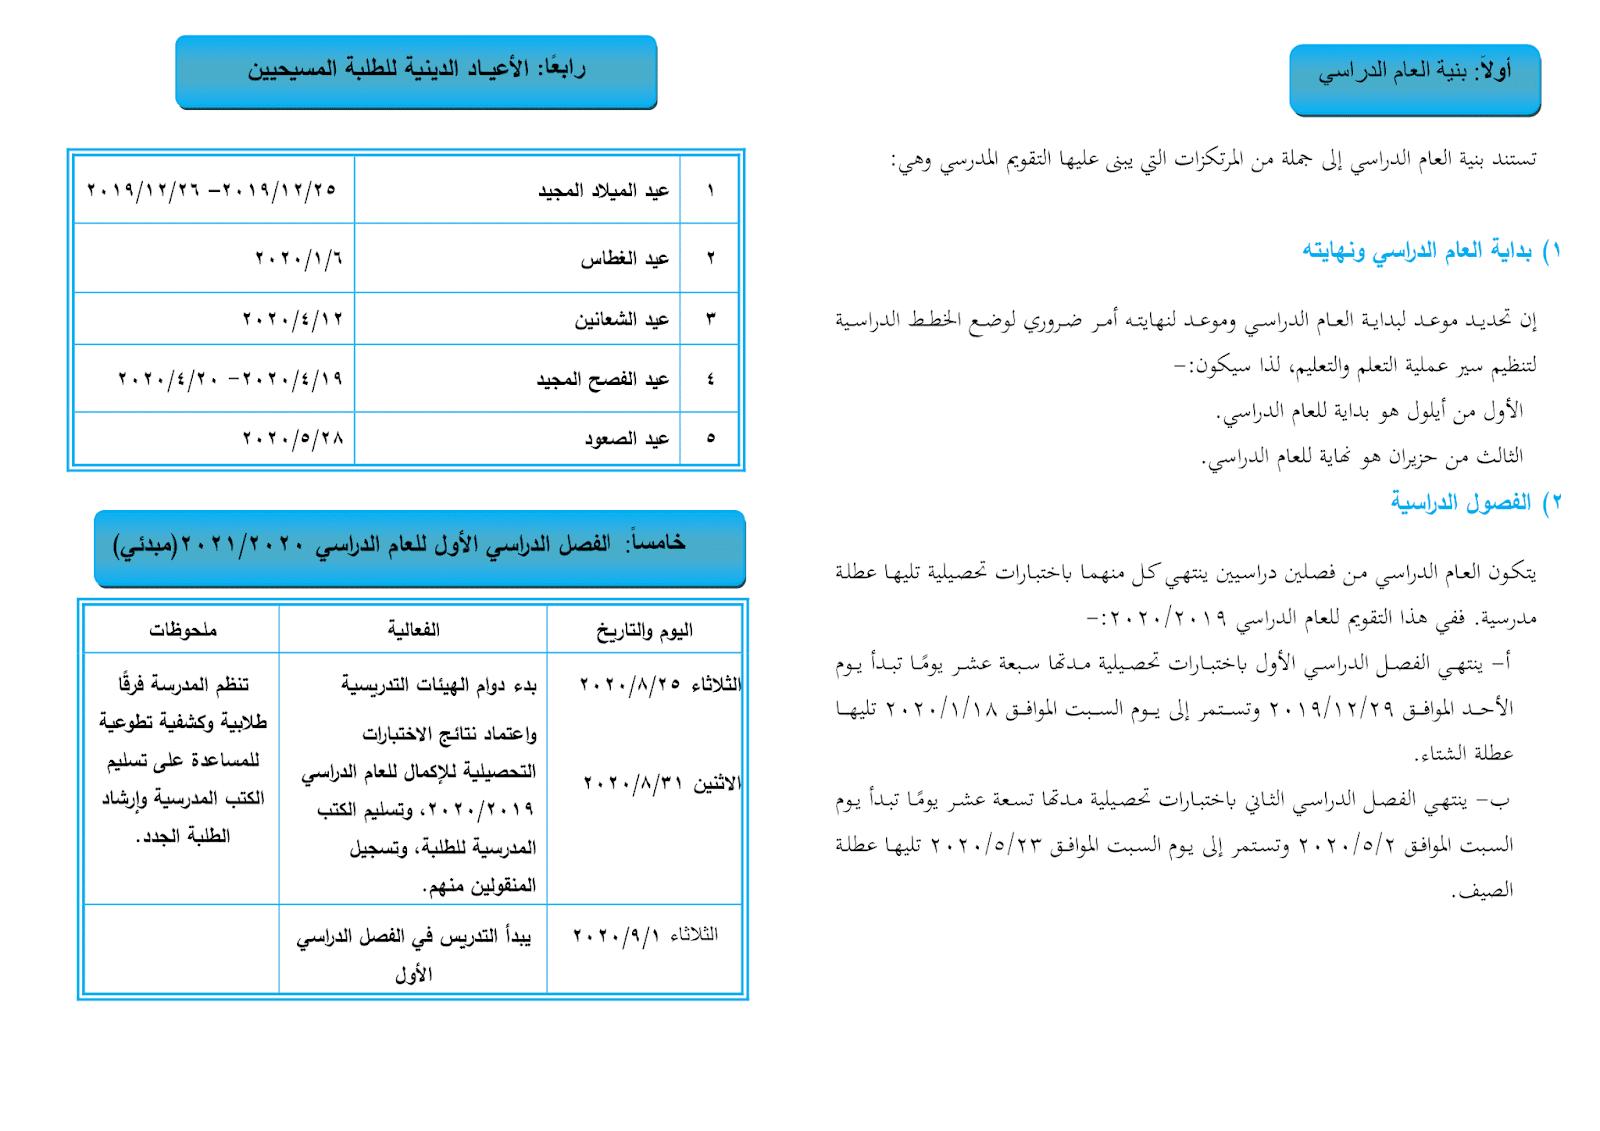 التقويم المدرسي للعام 2019/2020